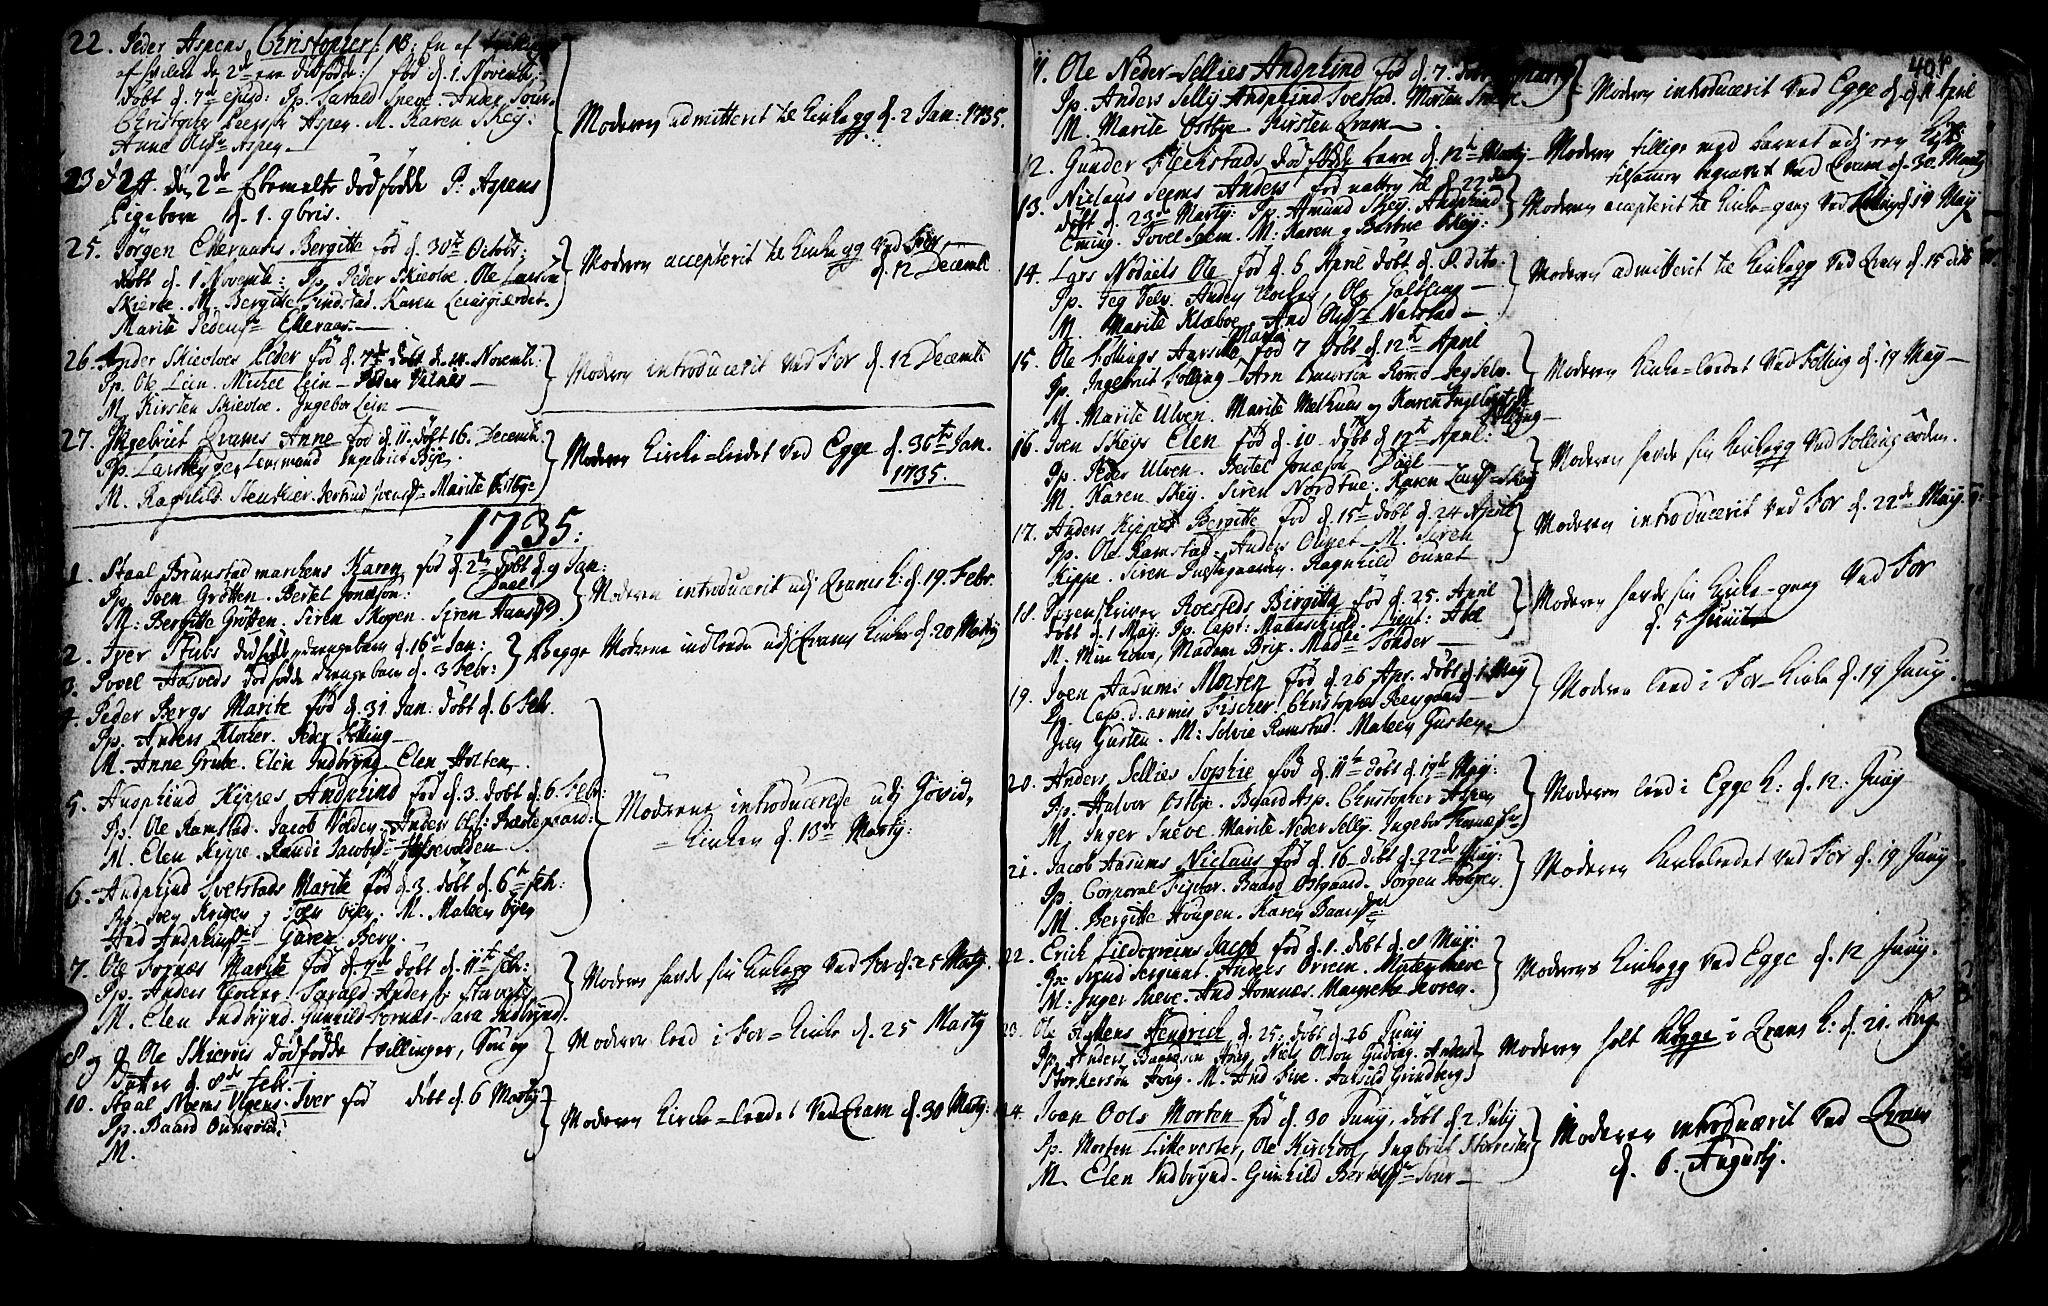 SAT, Ministerialprotokoller, klokkerbøker og fødselsregistre - Nord-Trøndelag, 746/L0439: Ministerialbok nr. 746A01, 1688-1759, s. 40p